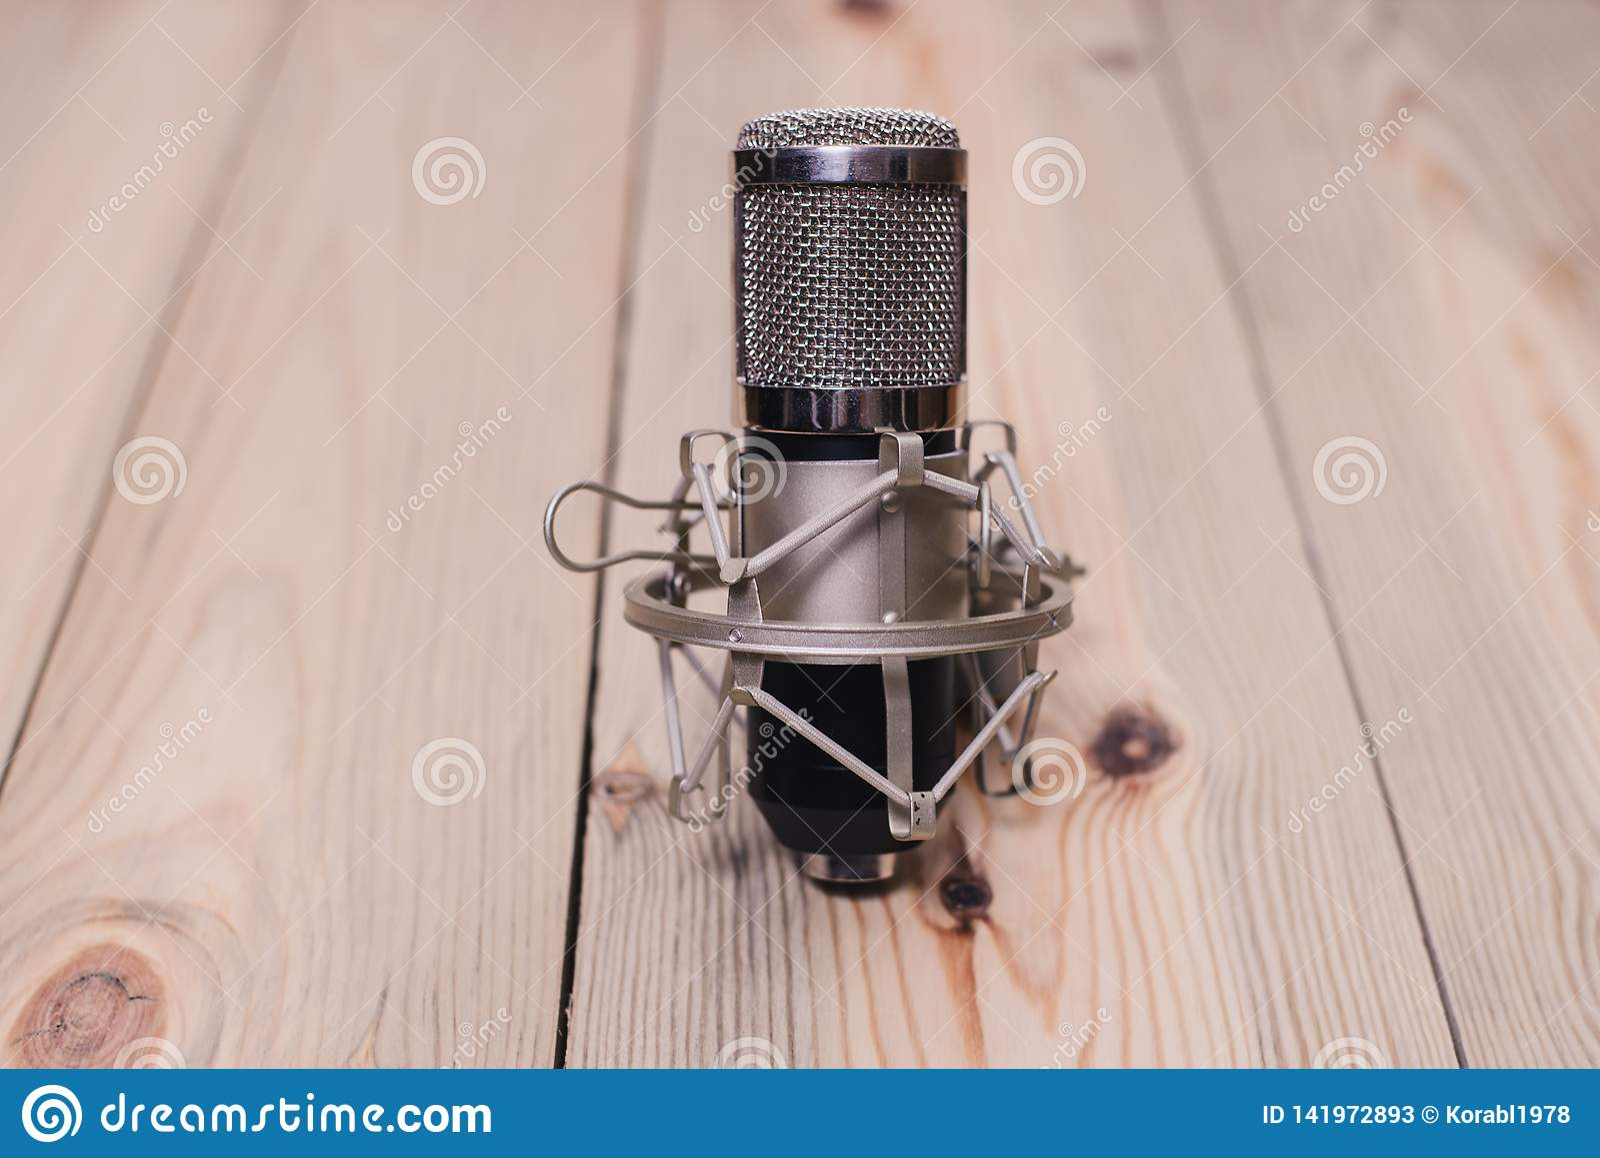 Rétro microphone monté sur une plate-forme en bois avec un volume de